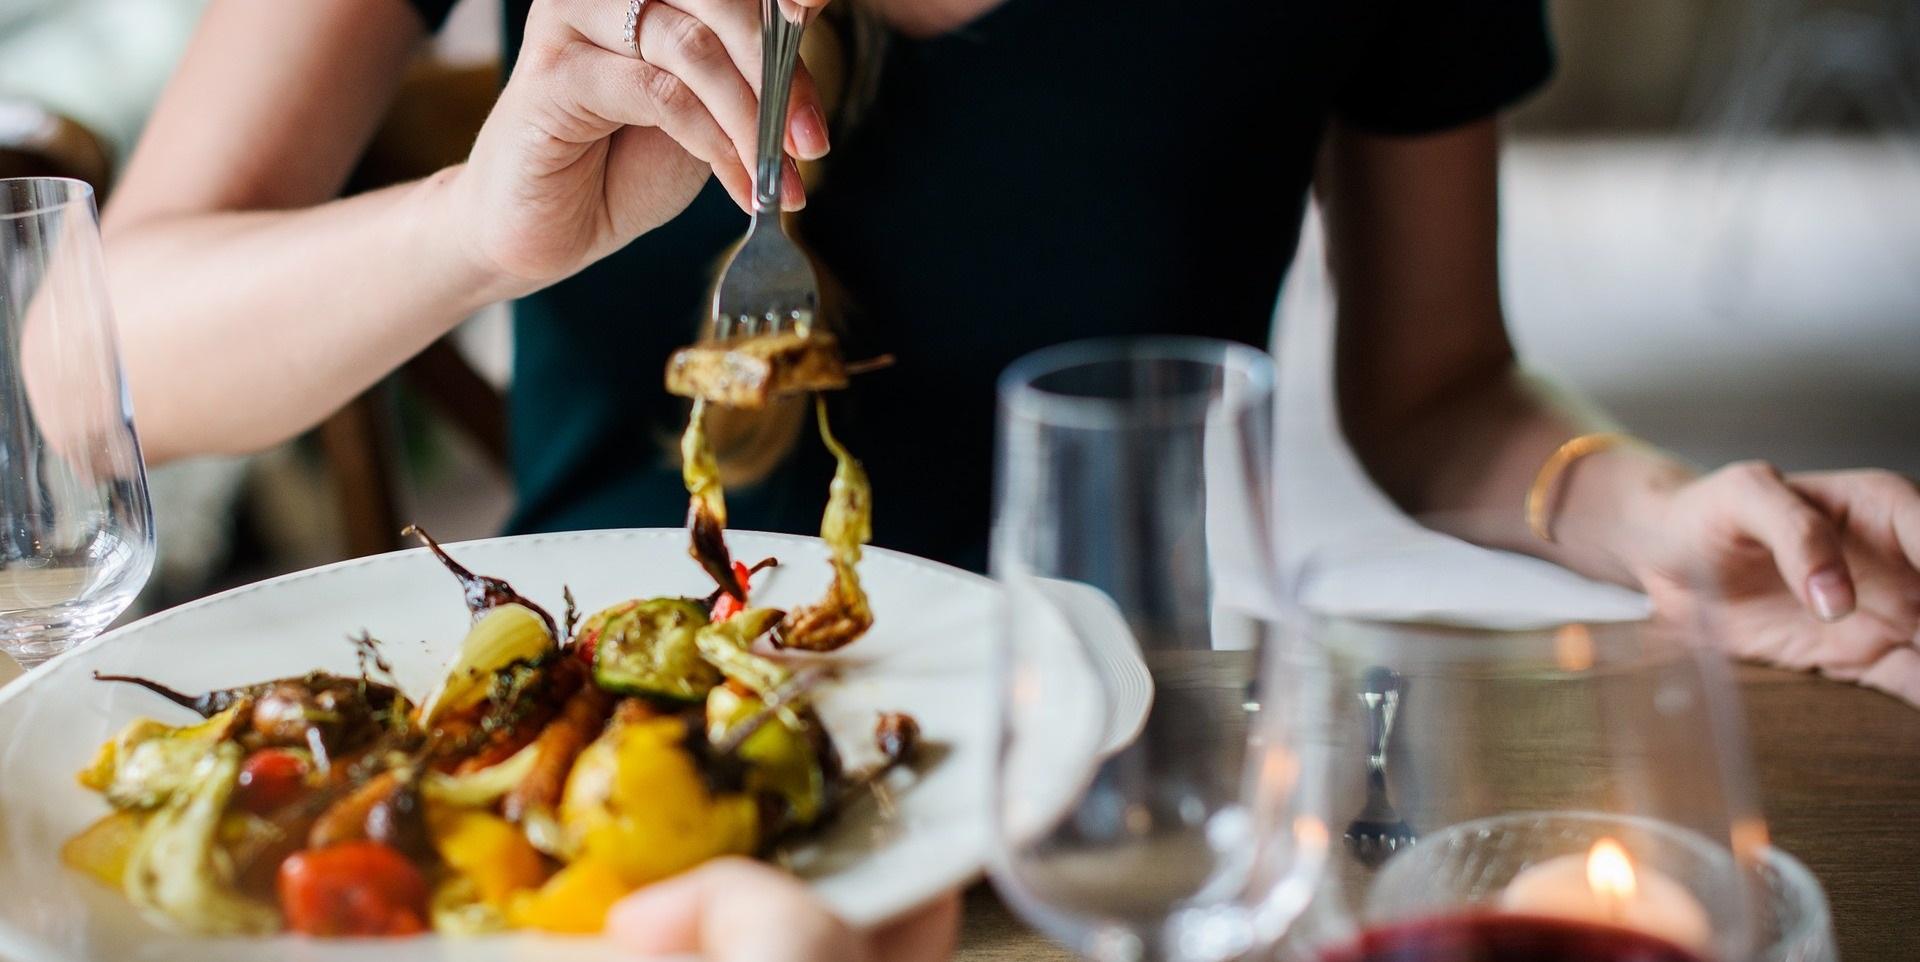 pregunta a prostata para que sirve el restaurante?